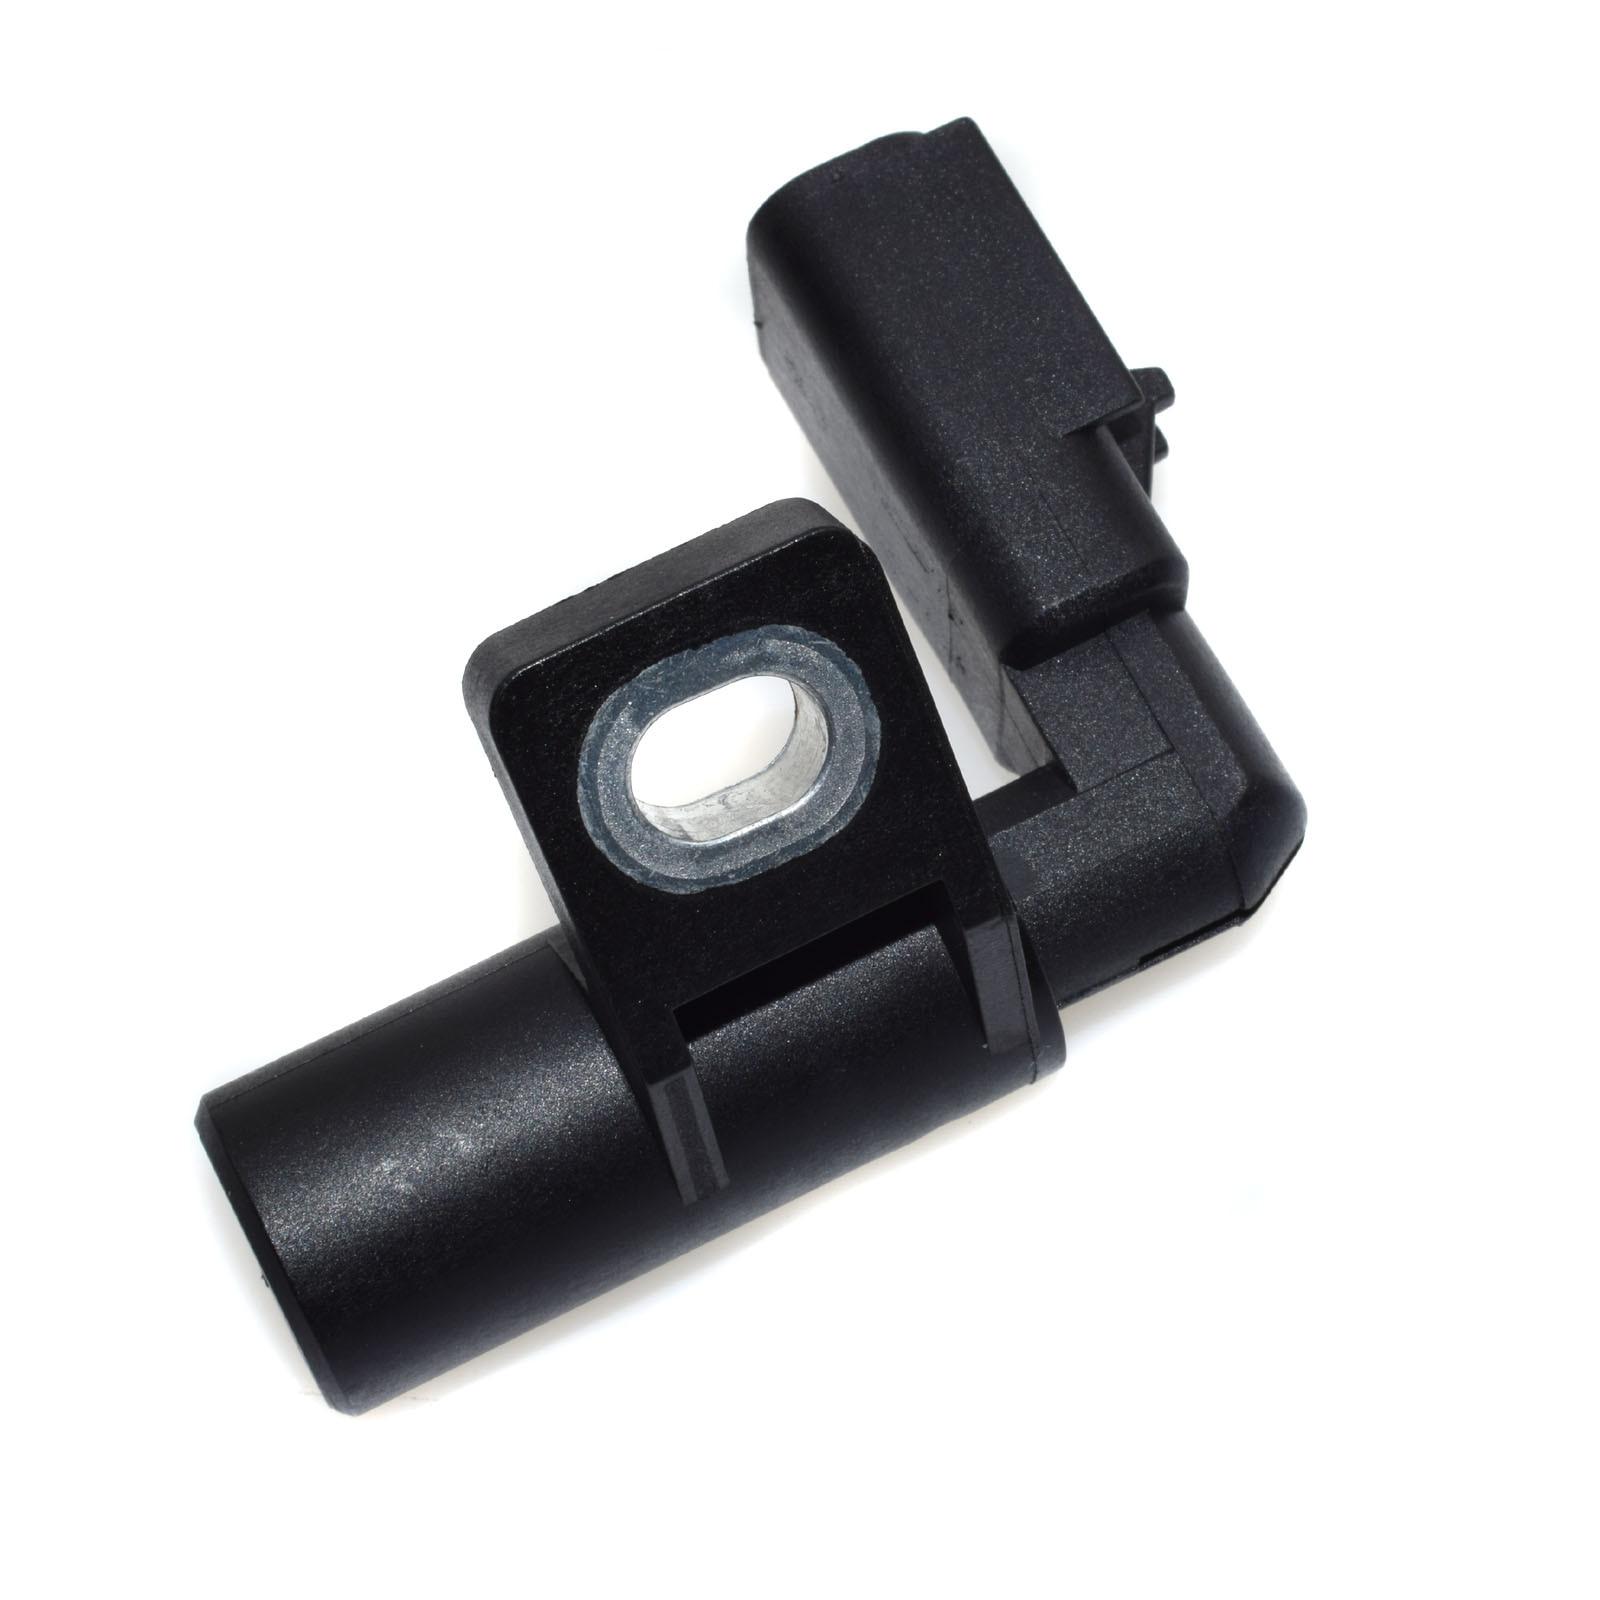 WOLFIGO New Camshaft Position Sensor For Chrysler 300M